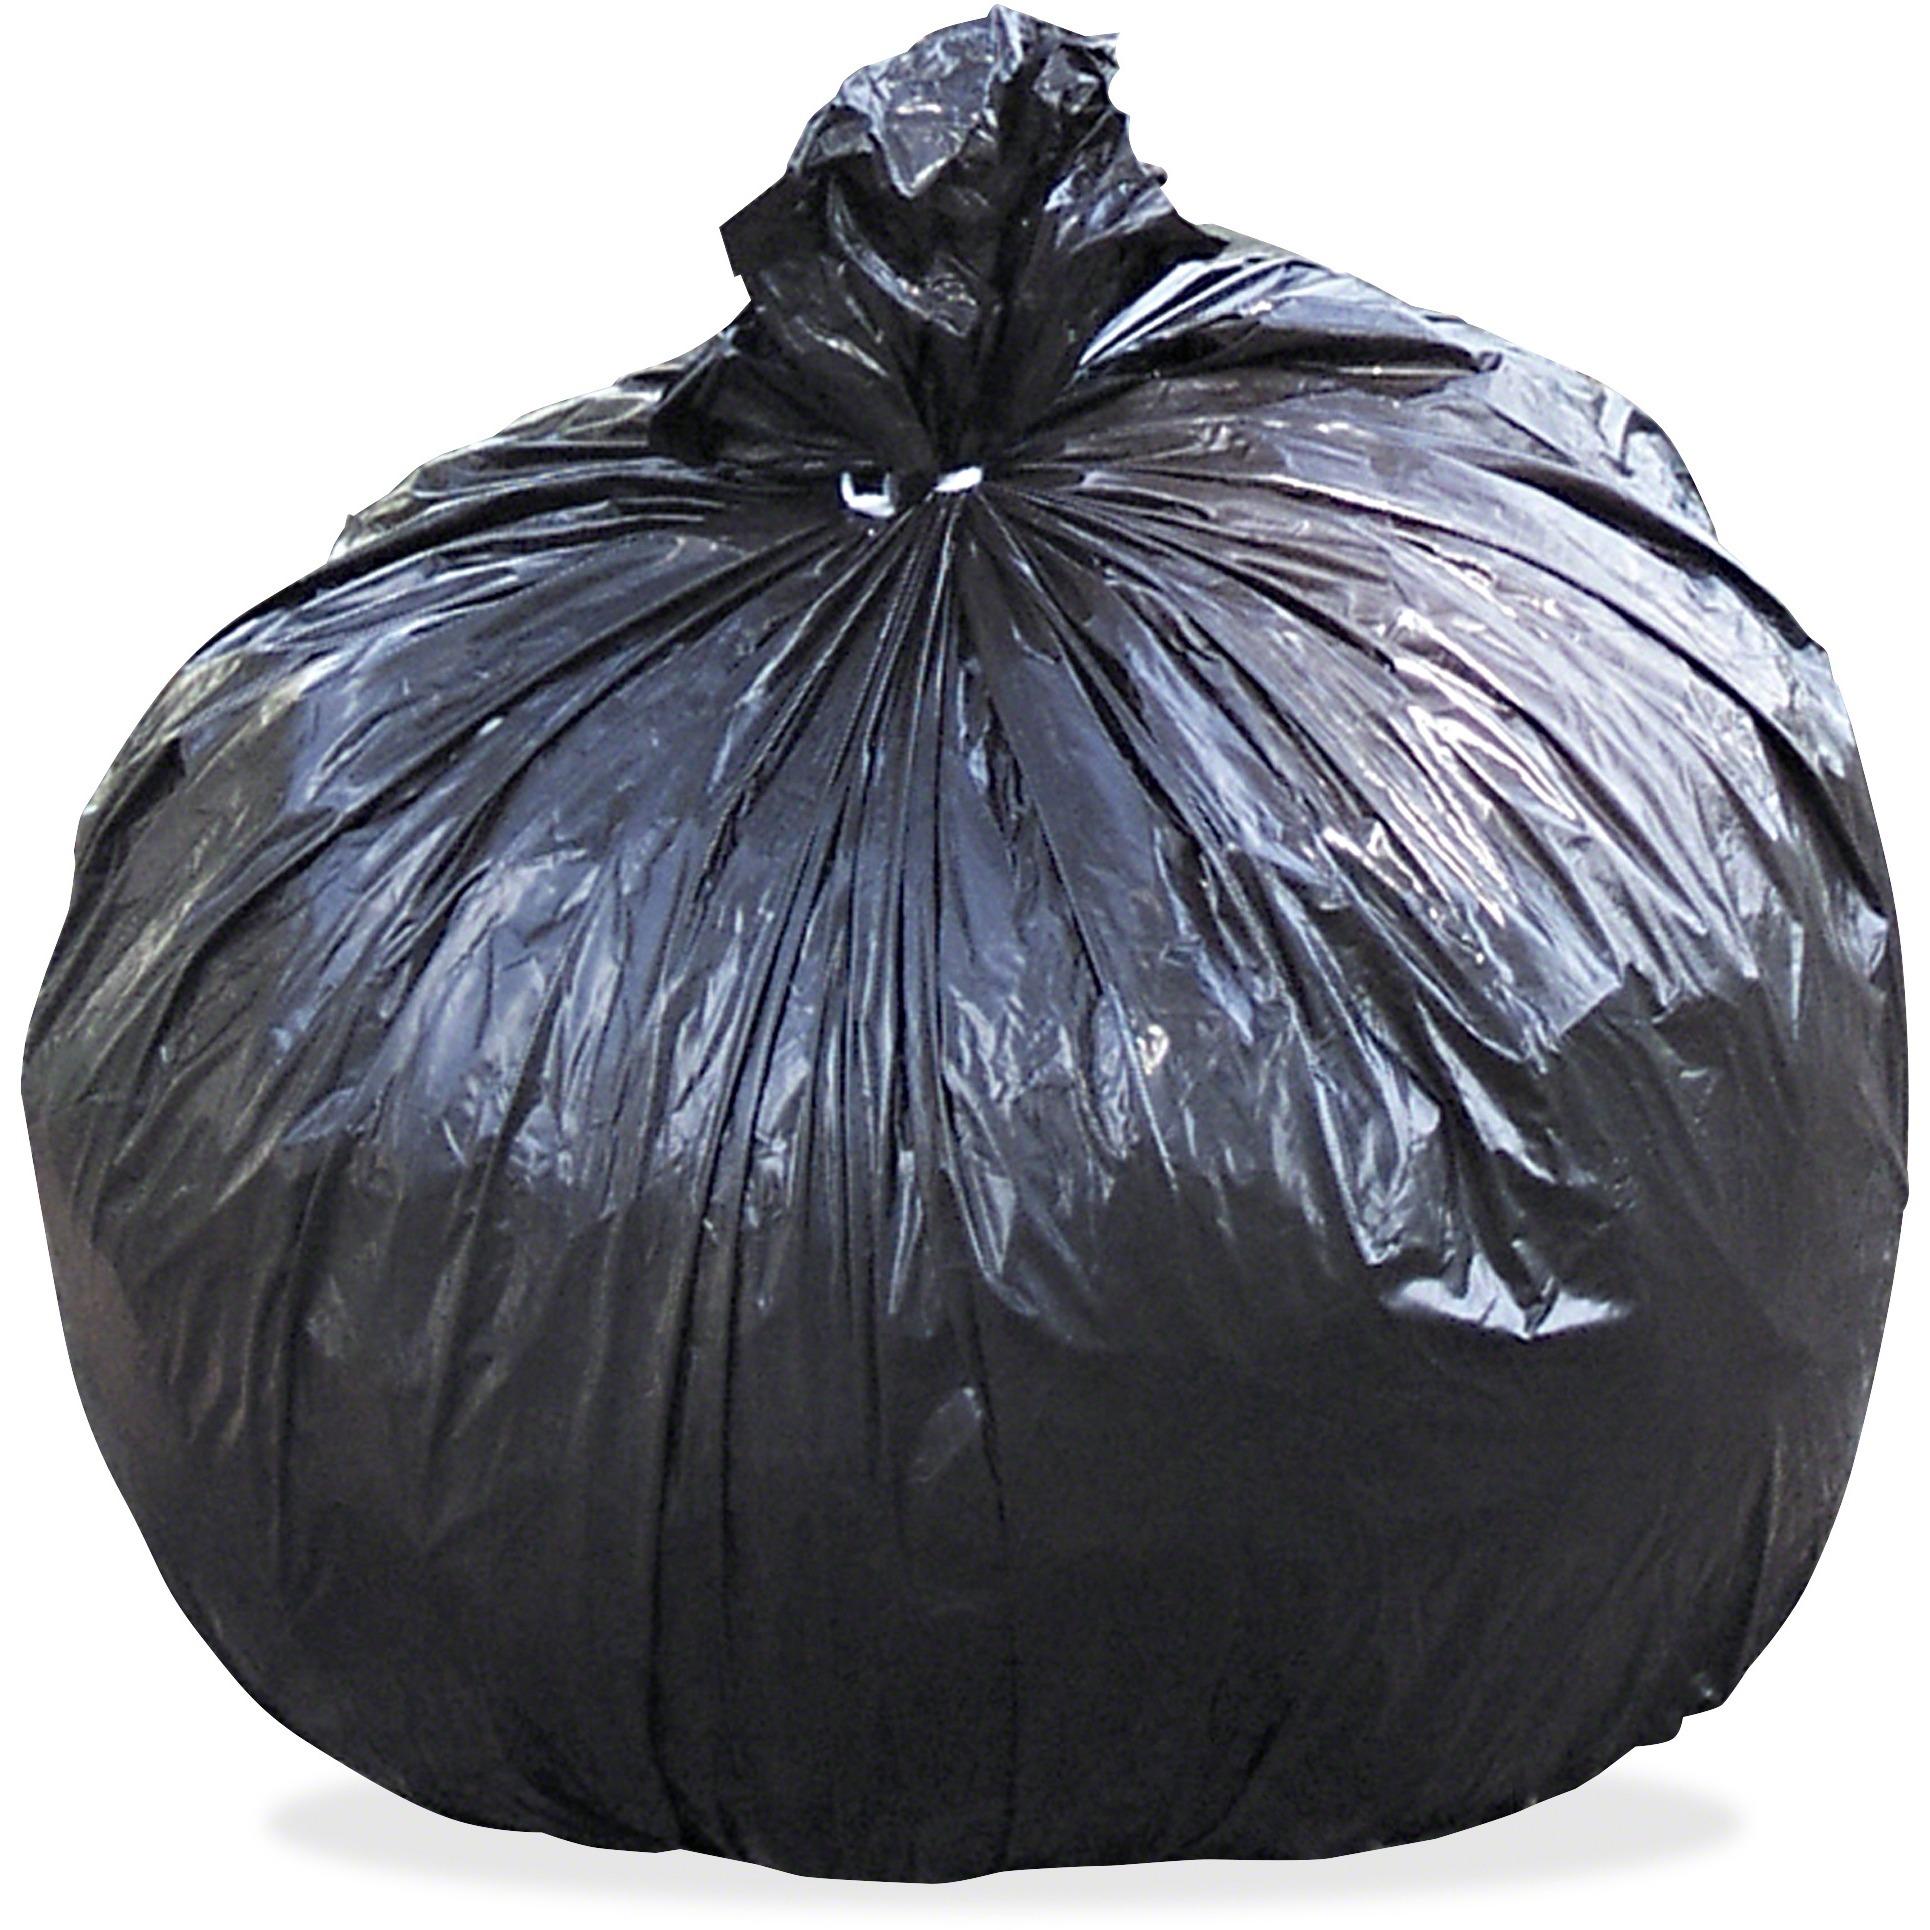 100% Recycled Plastic Garbage Bags, 7-10gal, 1mil, 24 x 24, Brown/Black, 250/CT